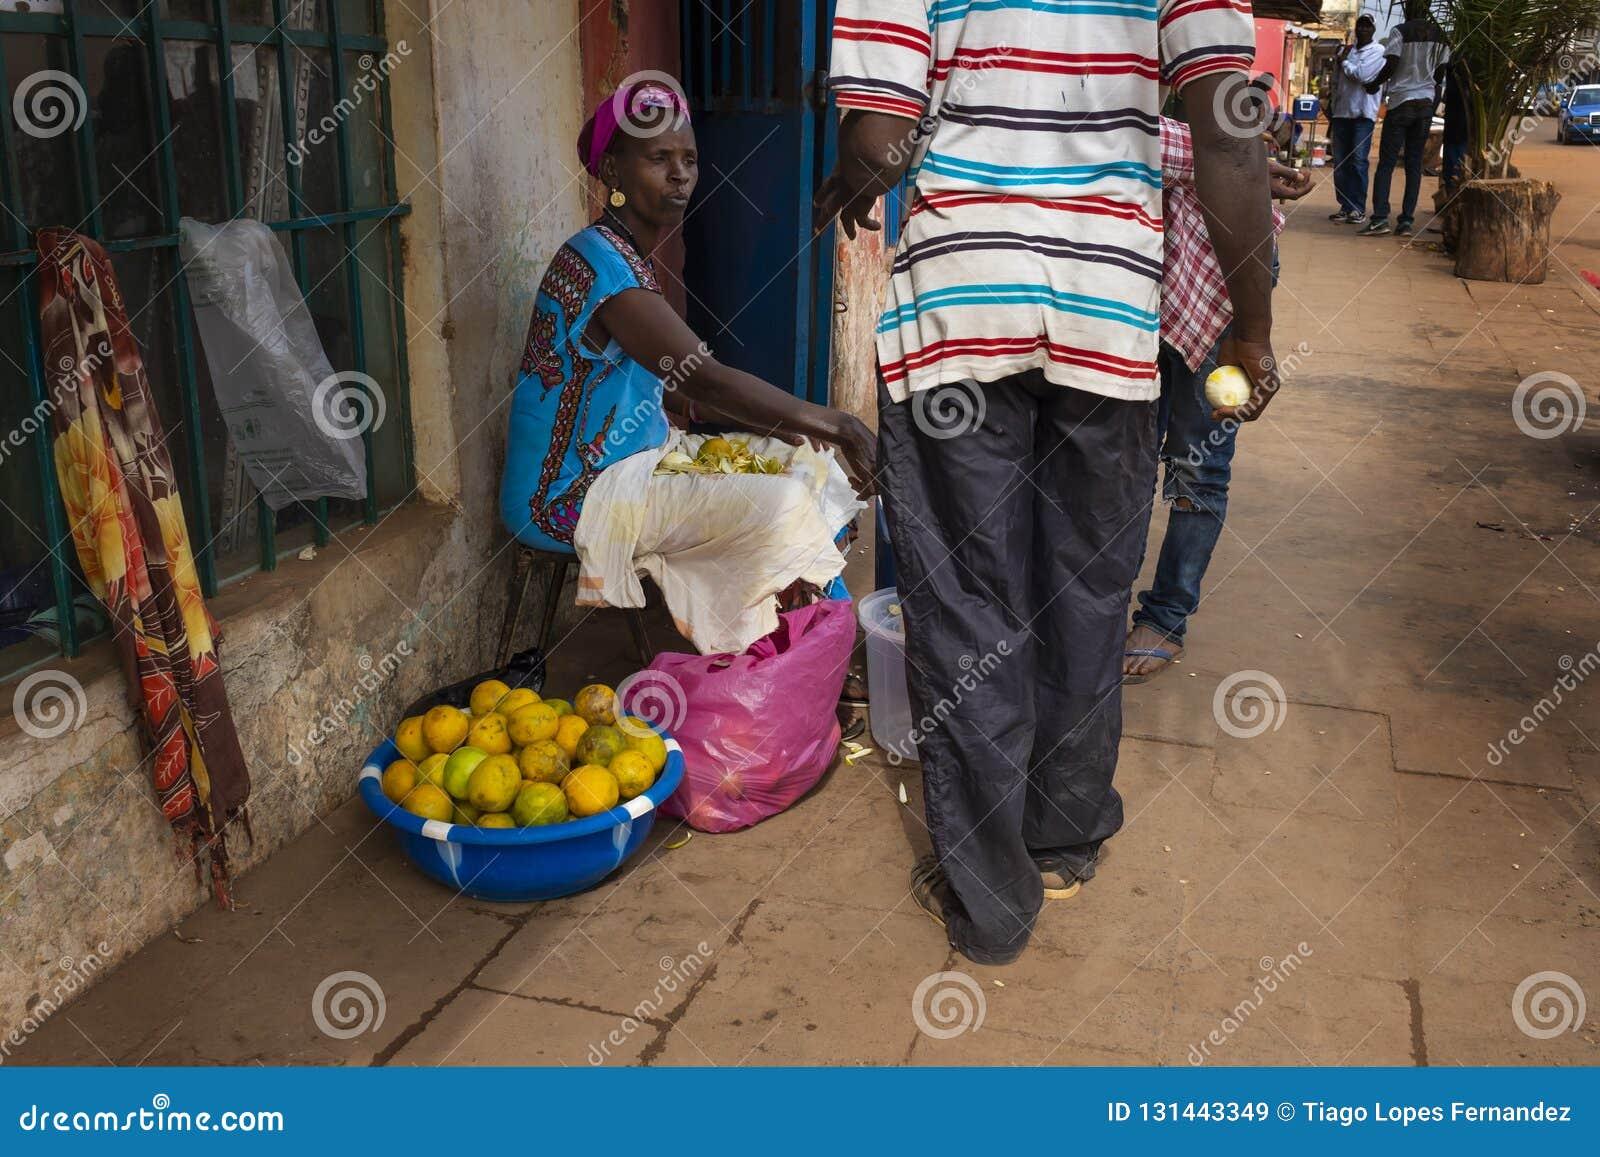 Straßenbild in der Stadt von Bissau mit einer Frau, die Orangen, in Guinea-Bissau, West-Afrika verkauft